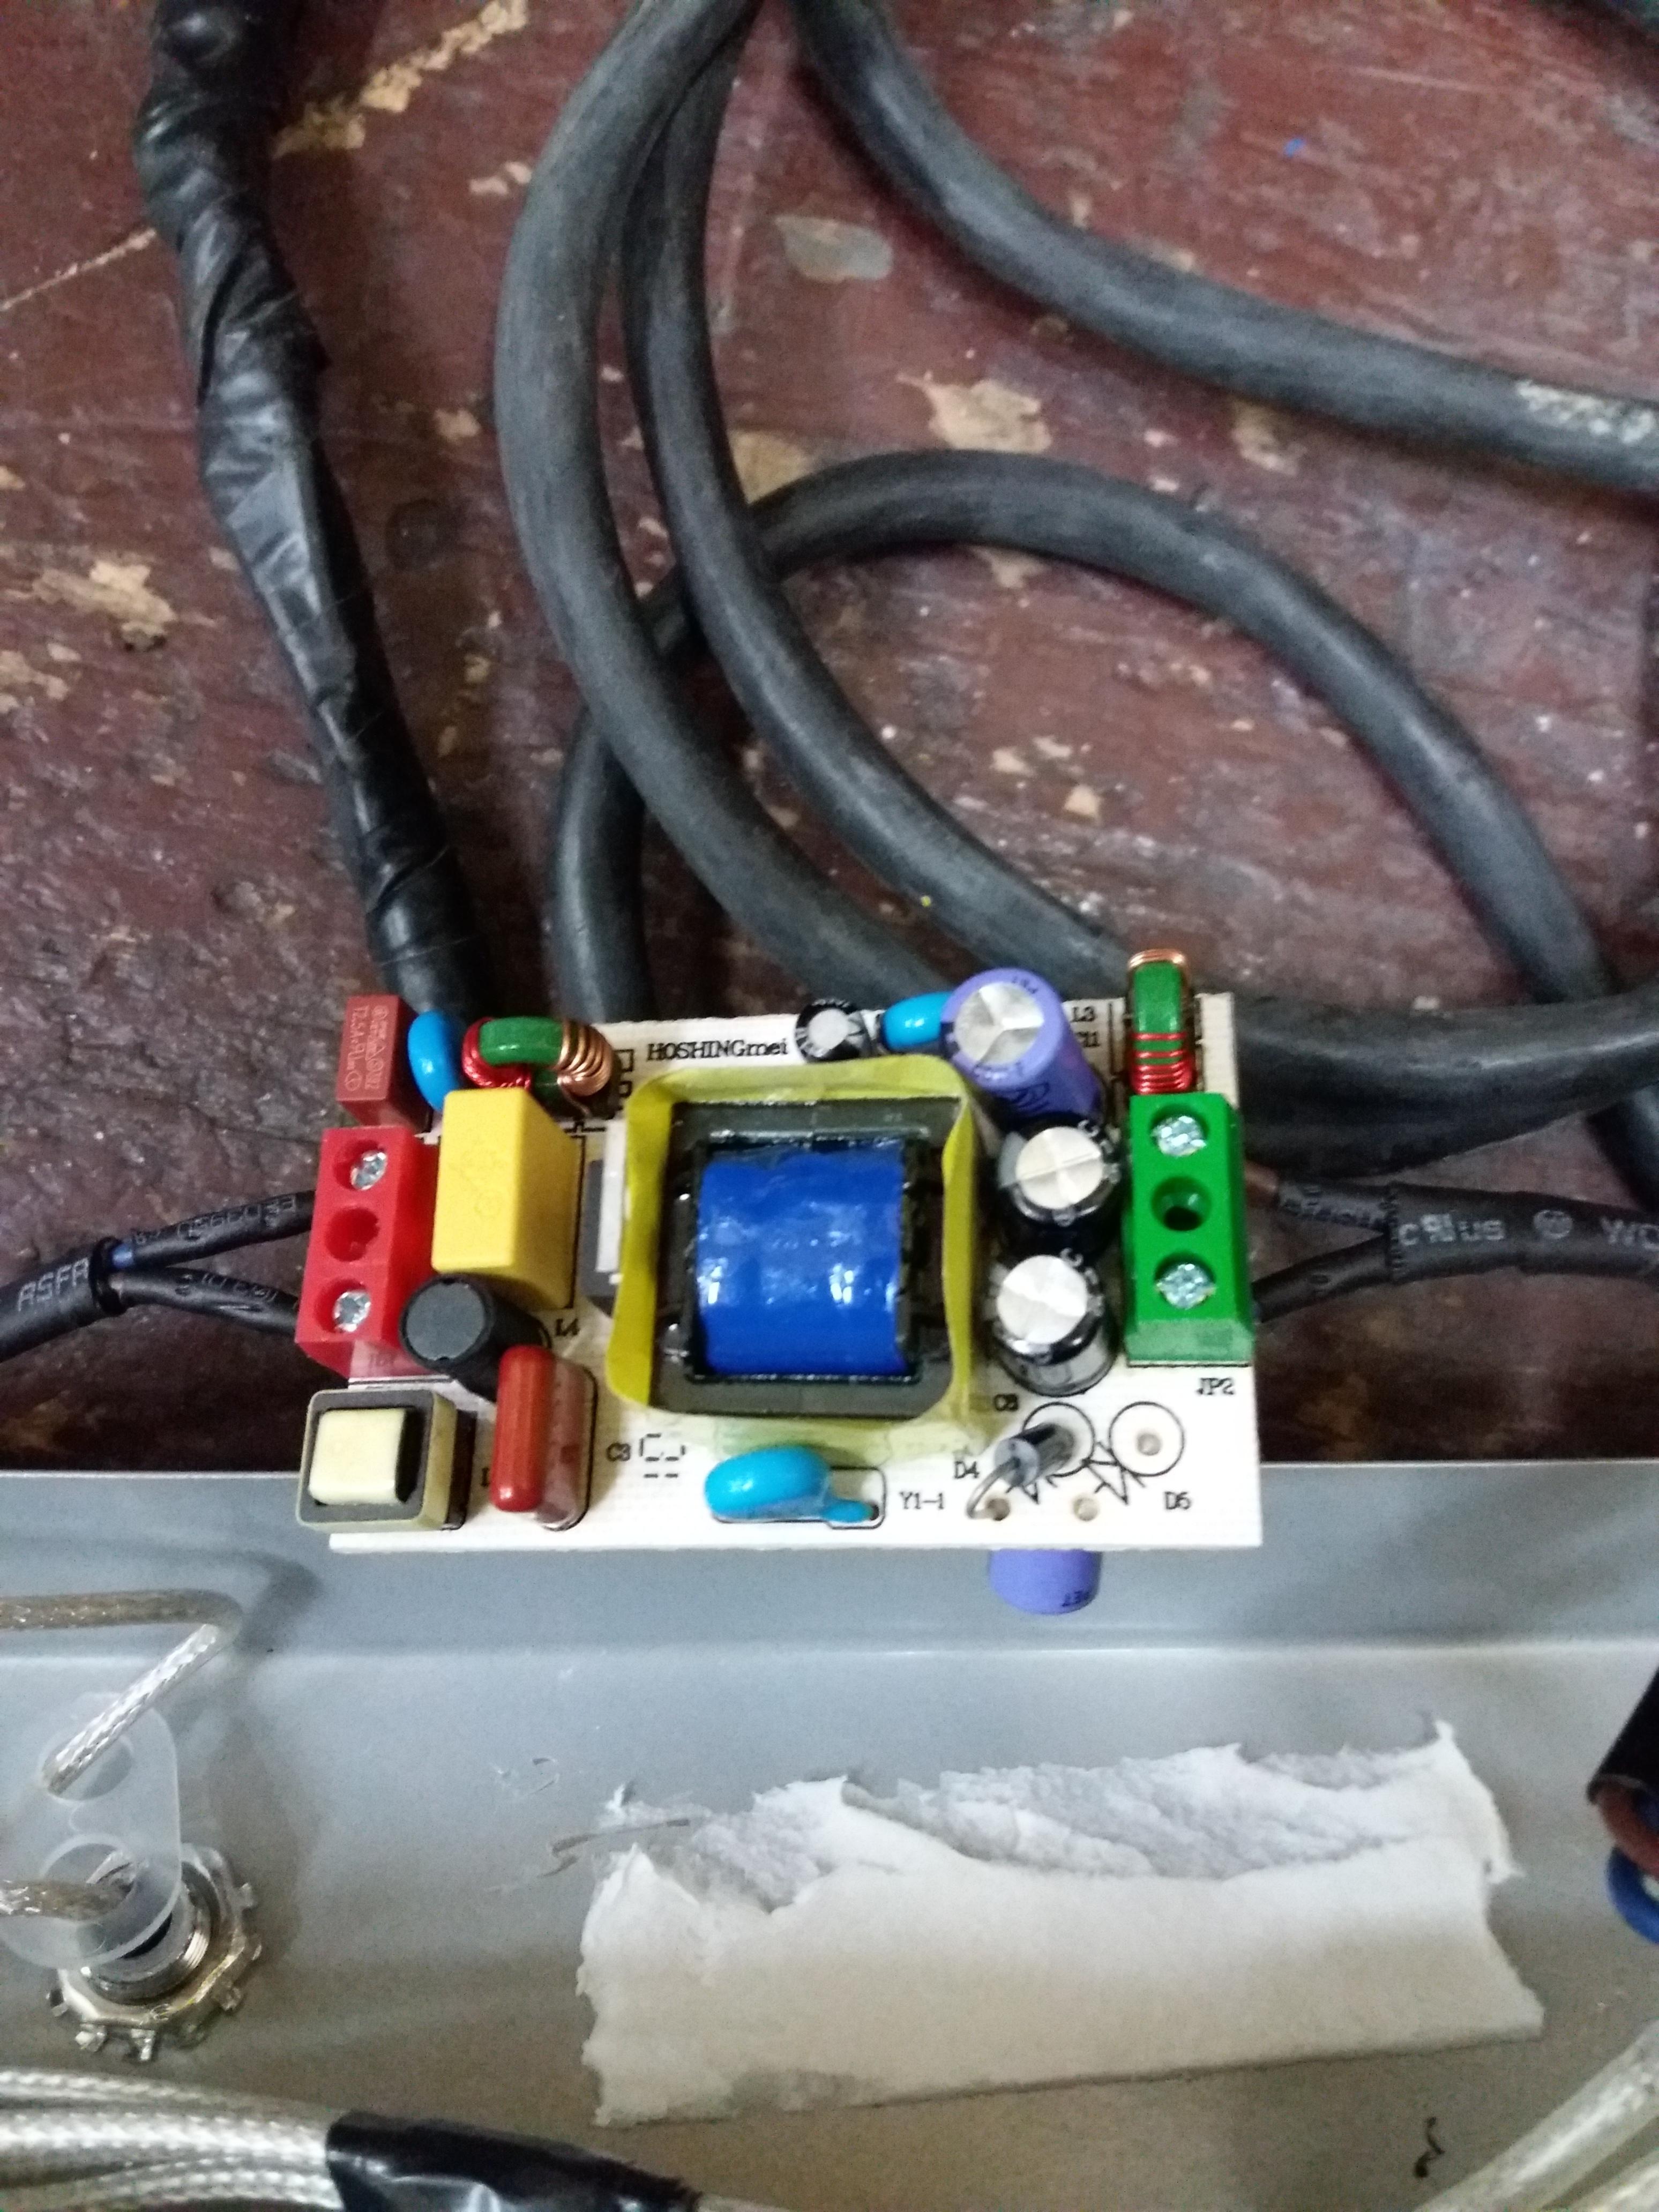 Super Lampa LED miga. LED Driver. - elektroda.pl VV33